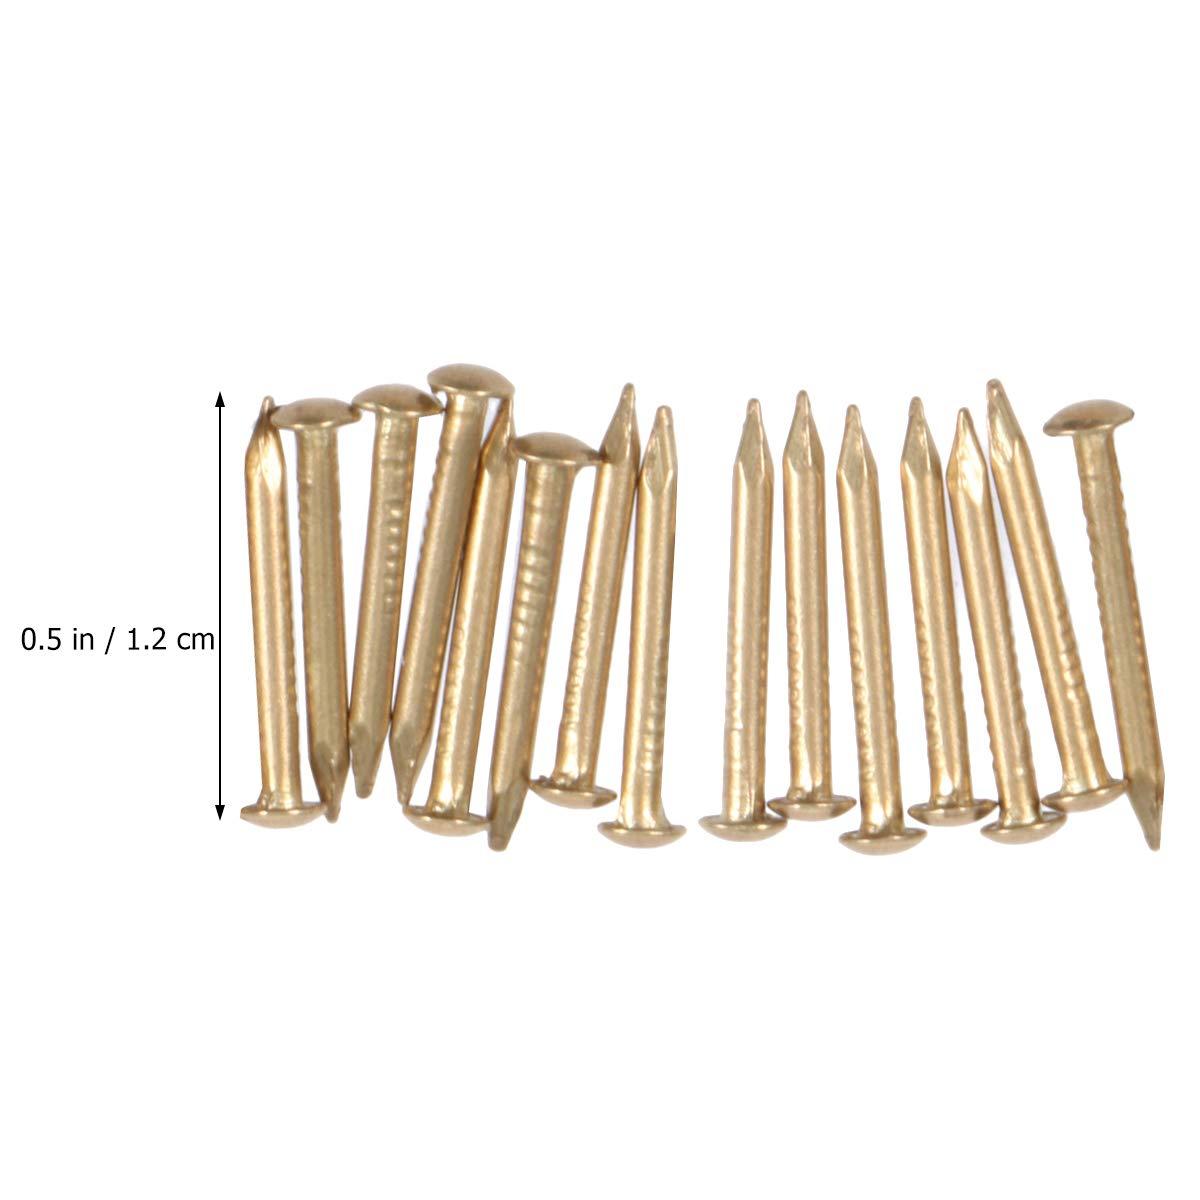 Yardwe 200pcs Kupfern/ägel f/ür das T/öten der Baumstumpf-Abbau-Spitzen golden